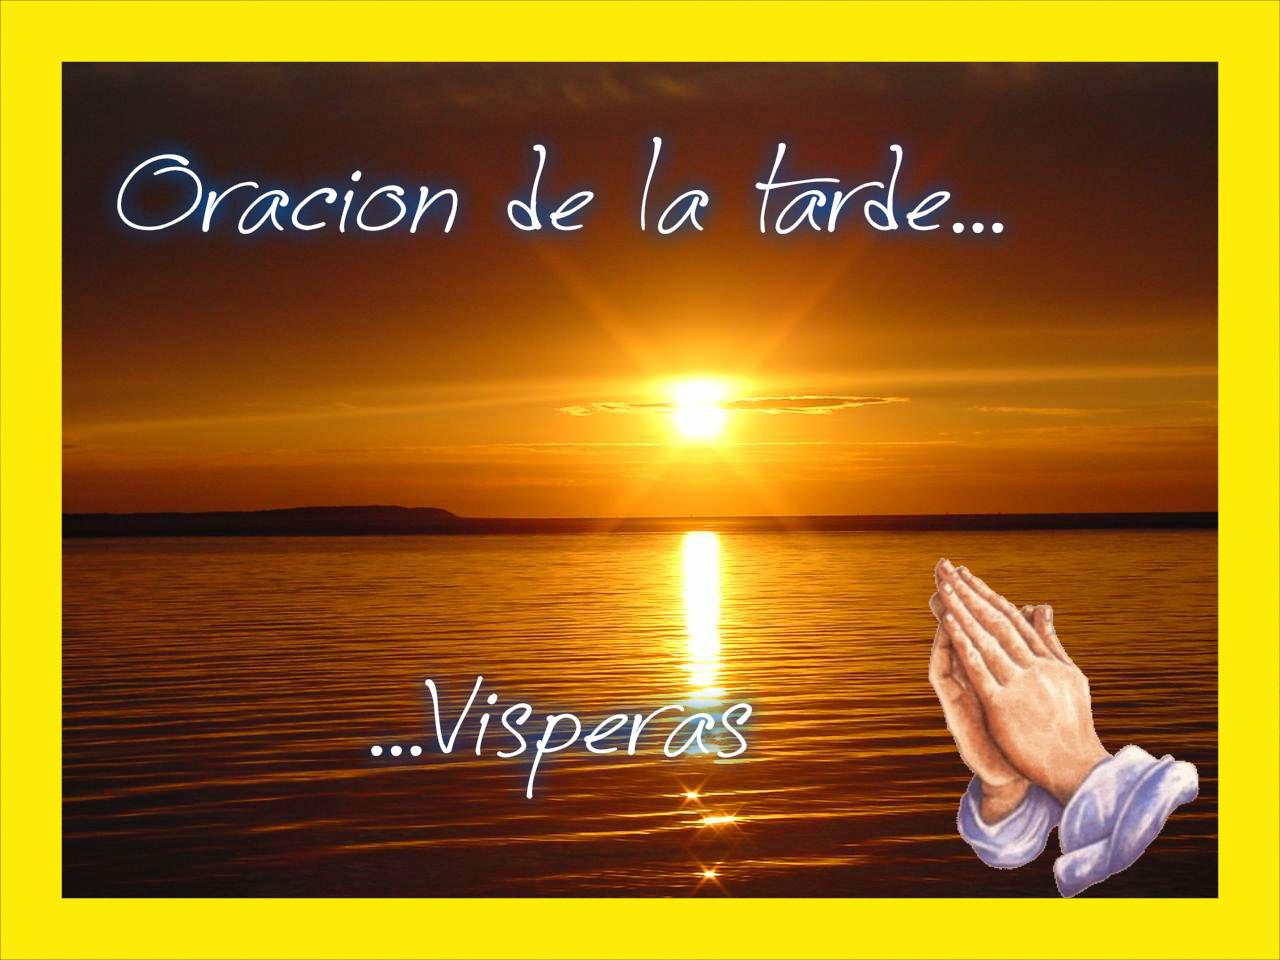 visperas